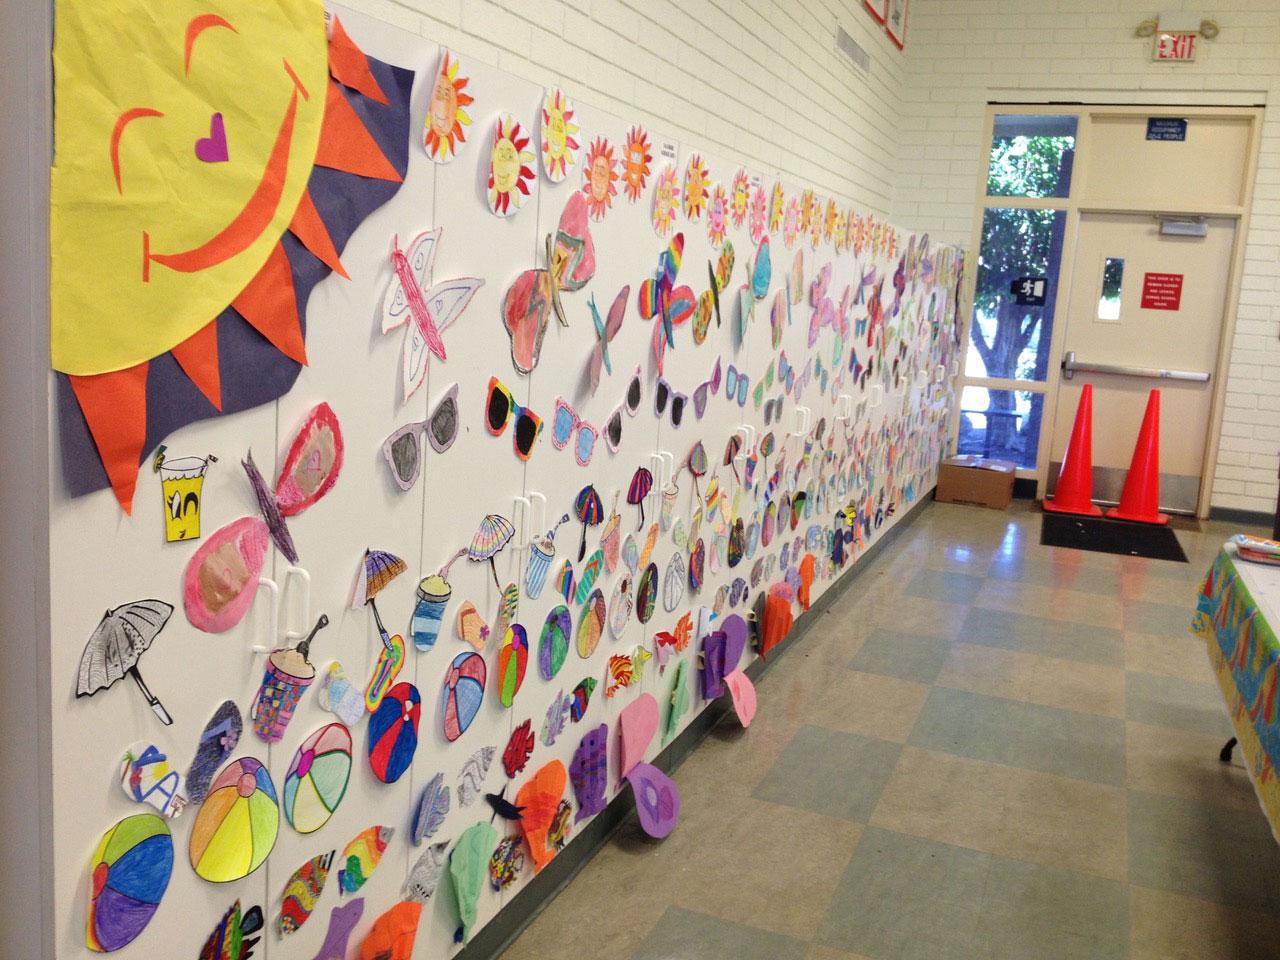 School wall display